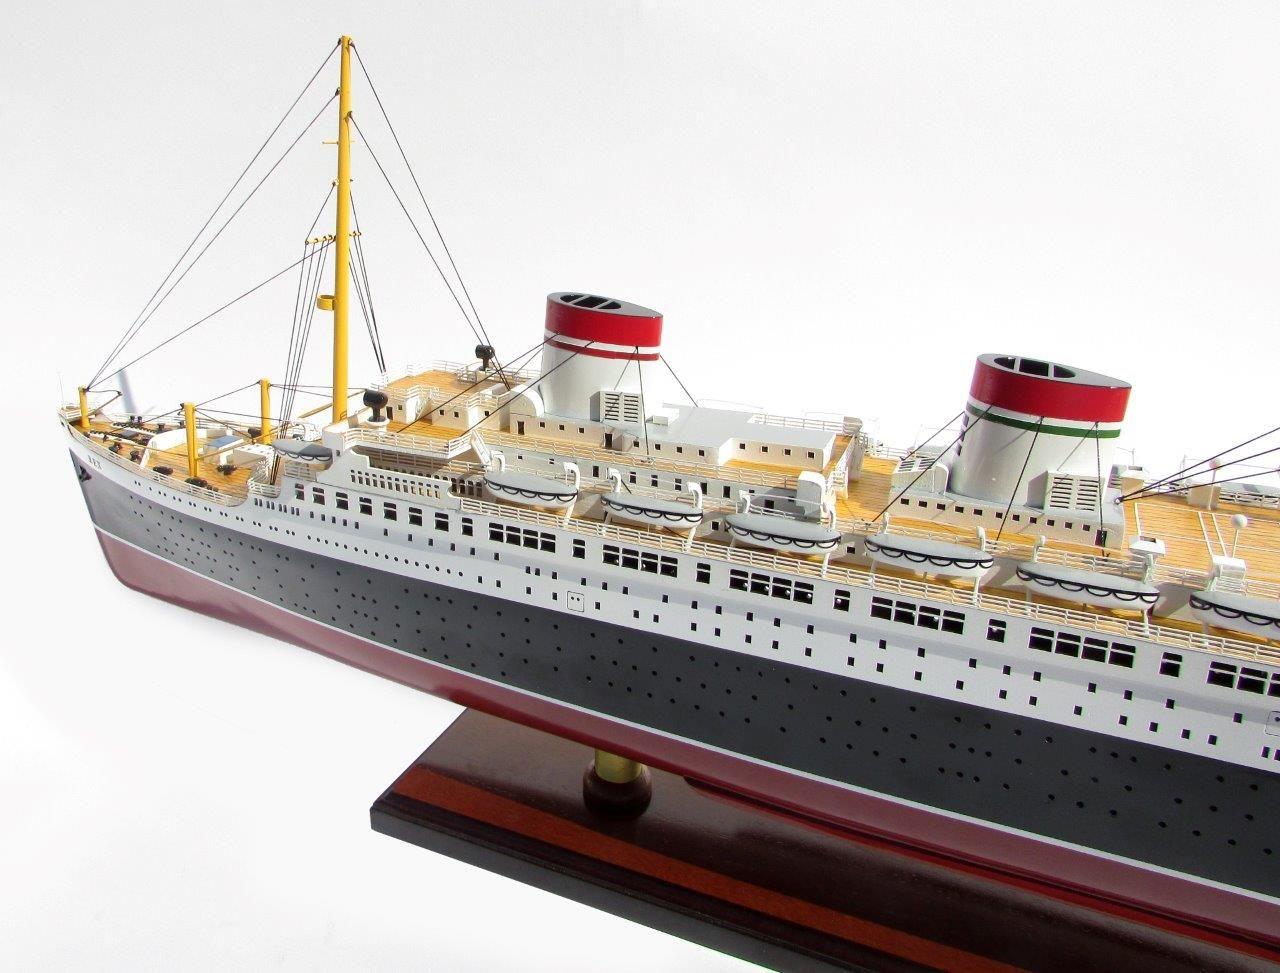 2047-12095-SS-Rex-model-boat